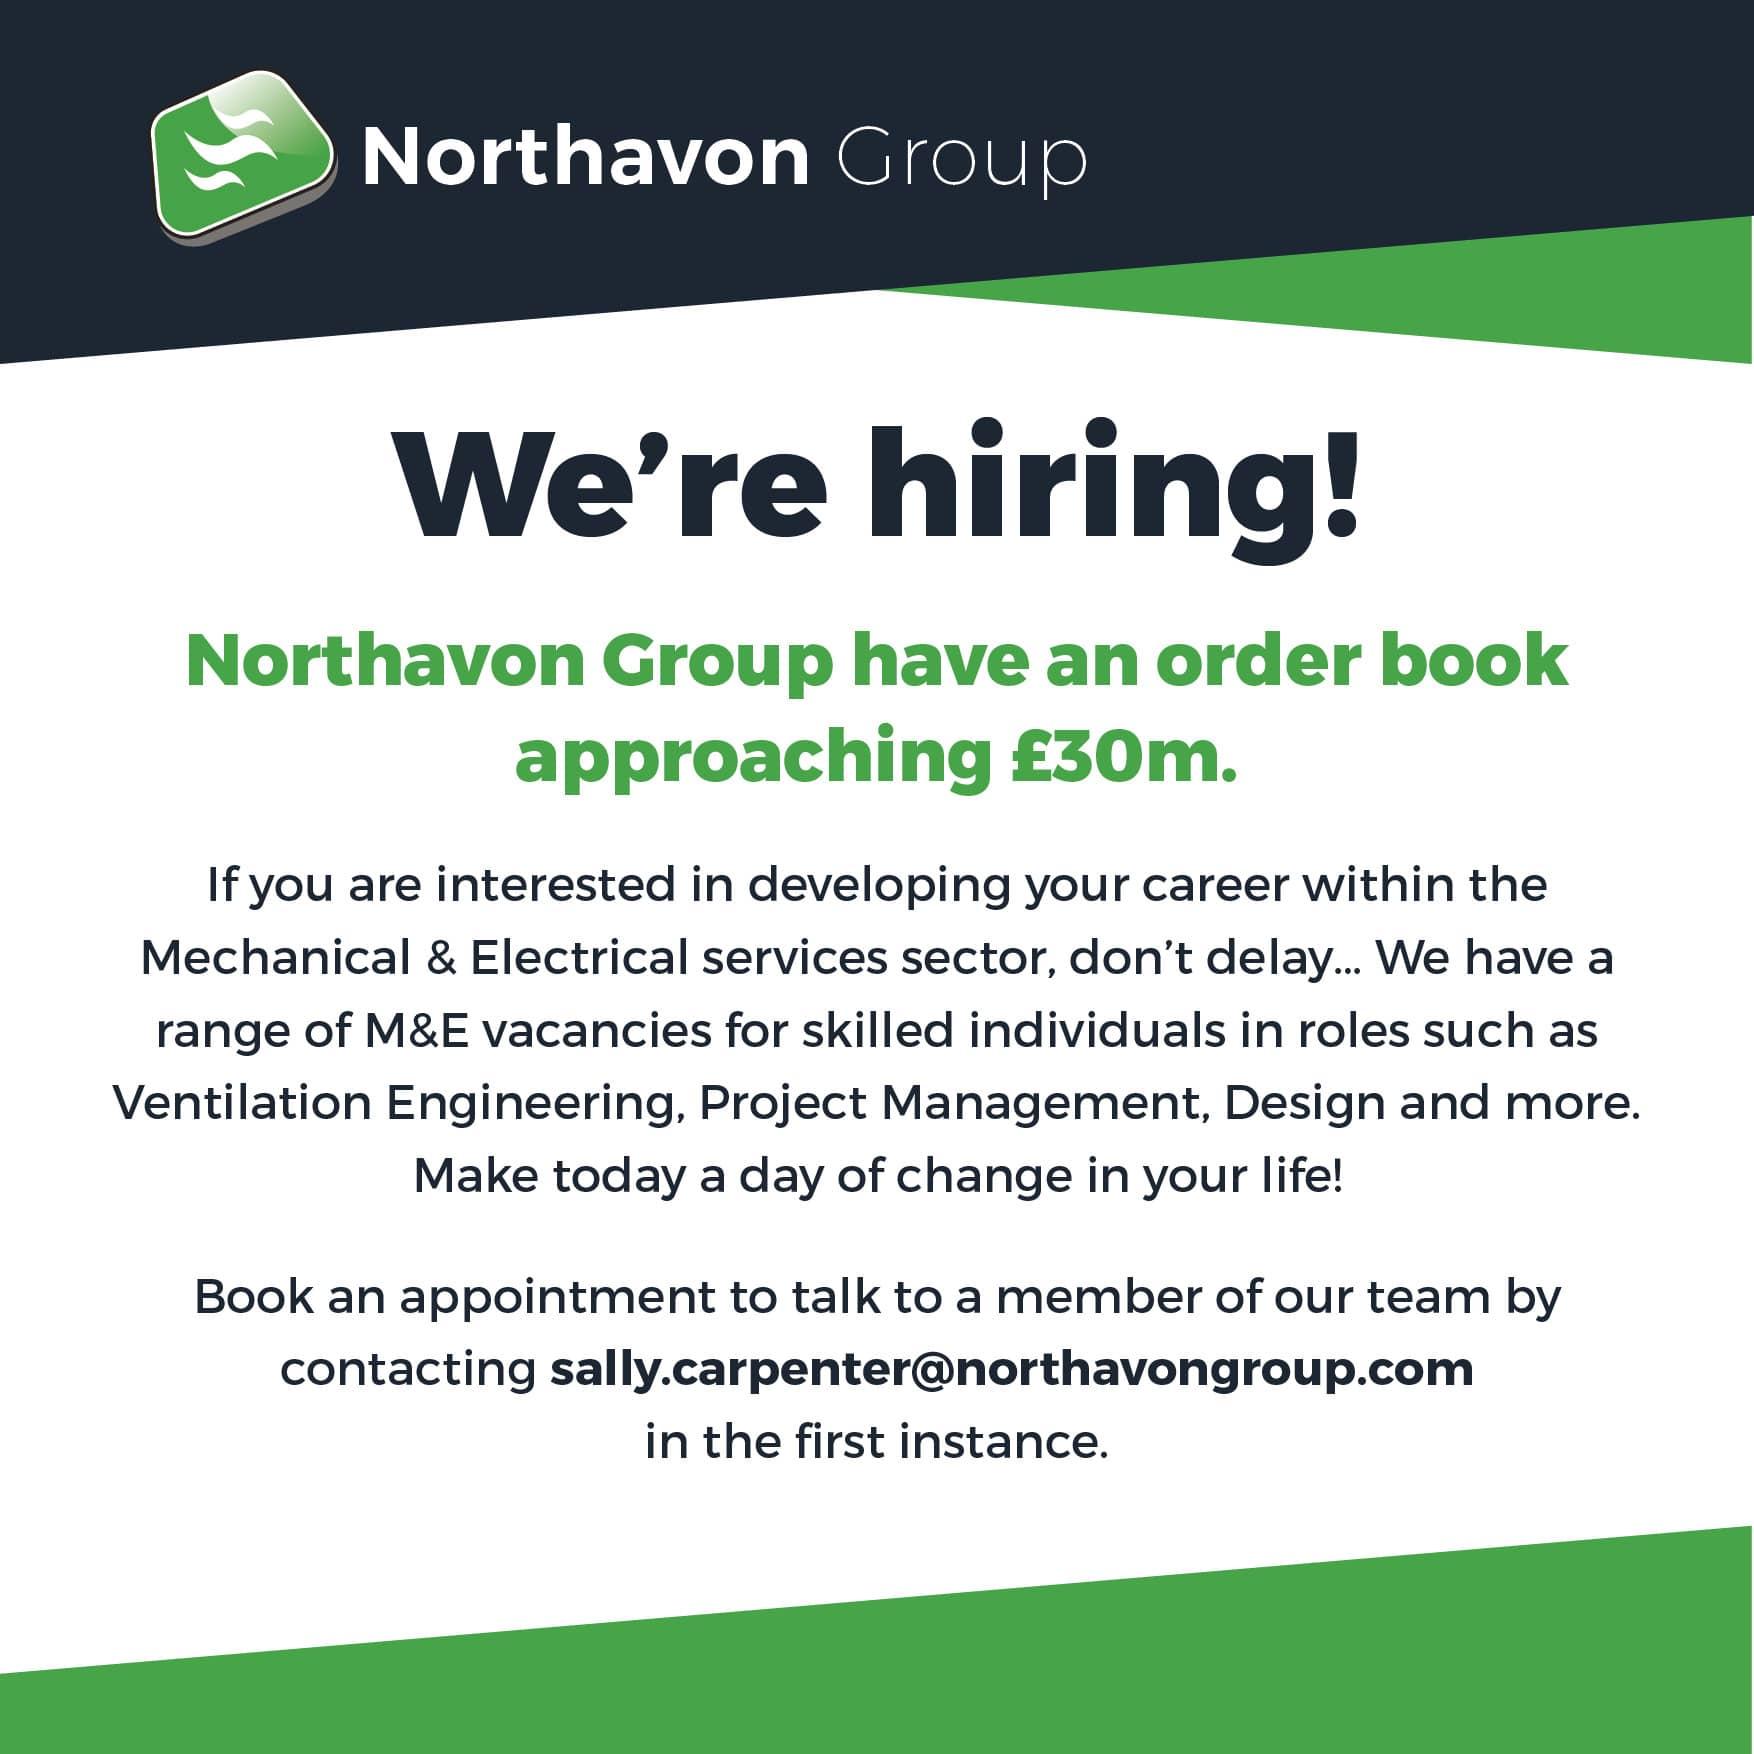 Northavon Recruitment